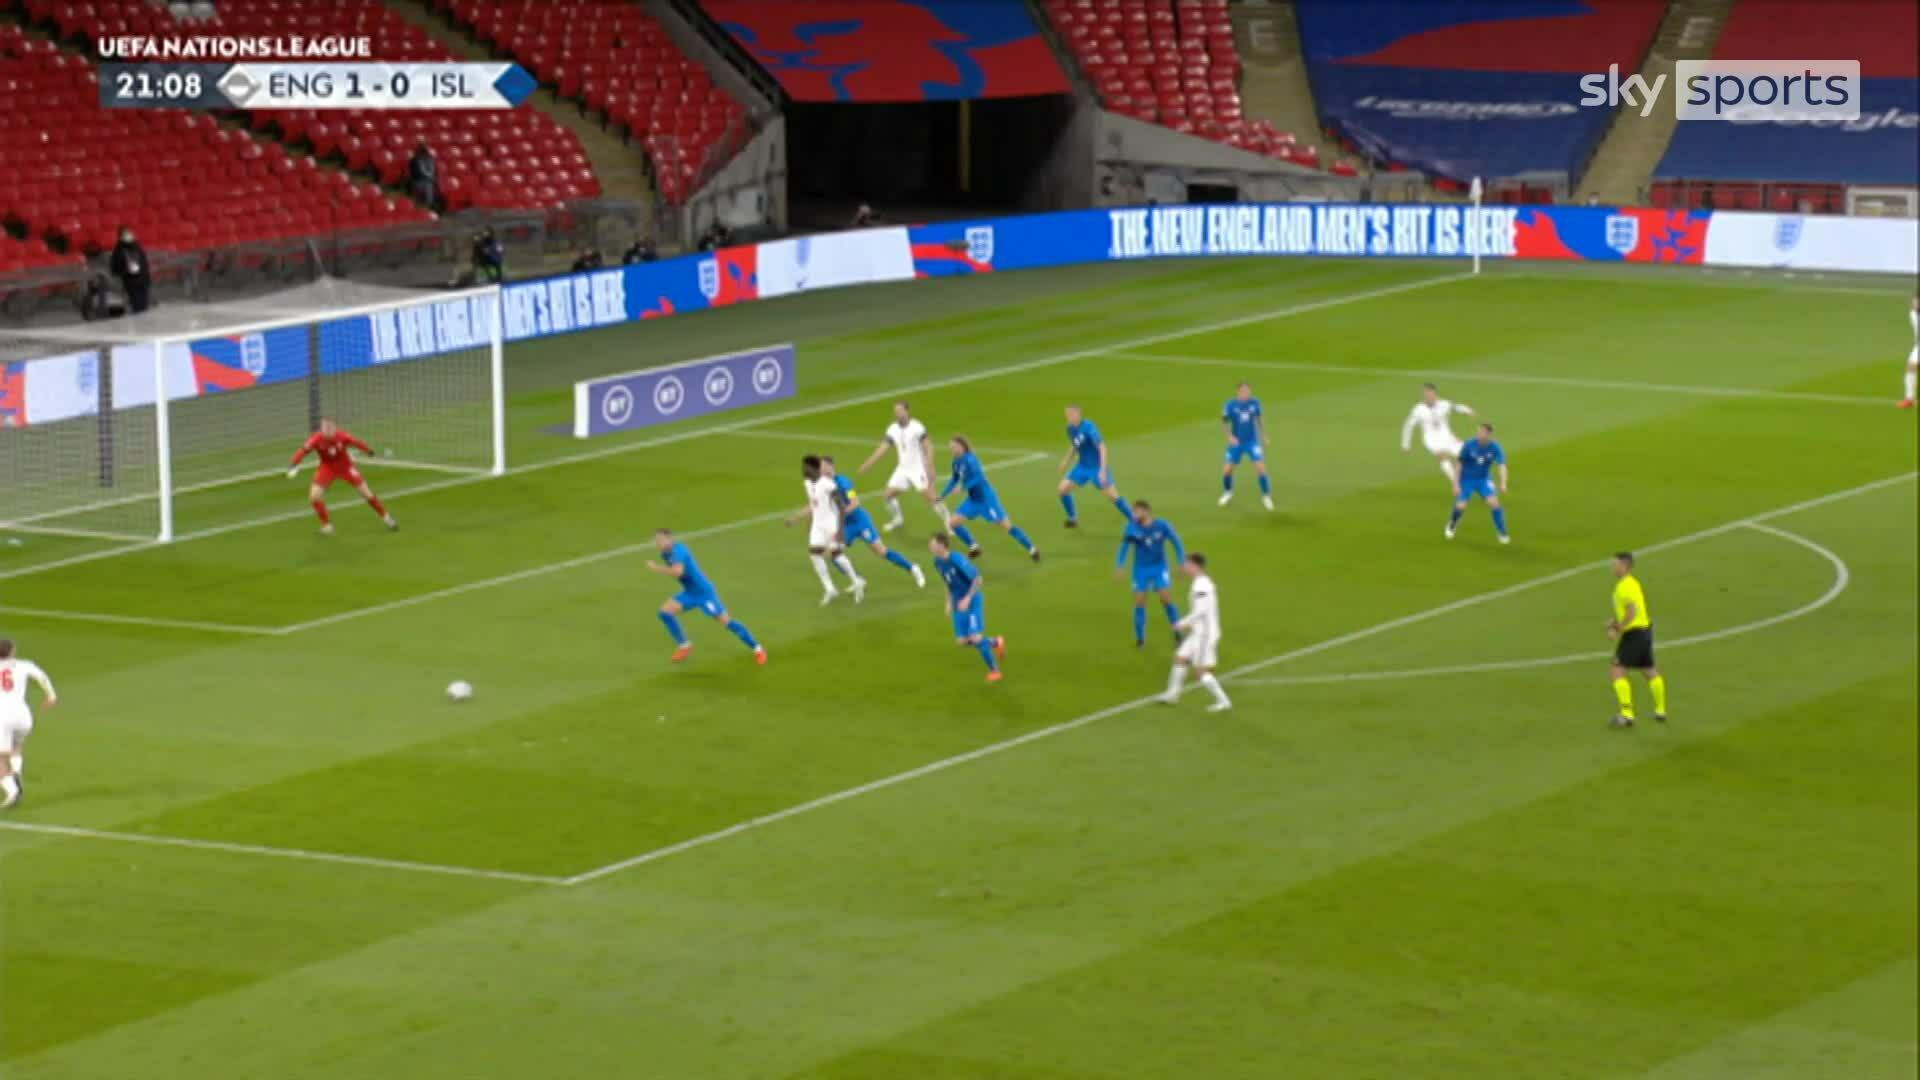 อังกฤษ 4-0 ไอซ์แลนด์